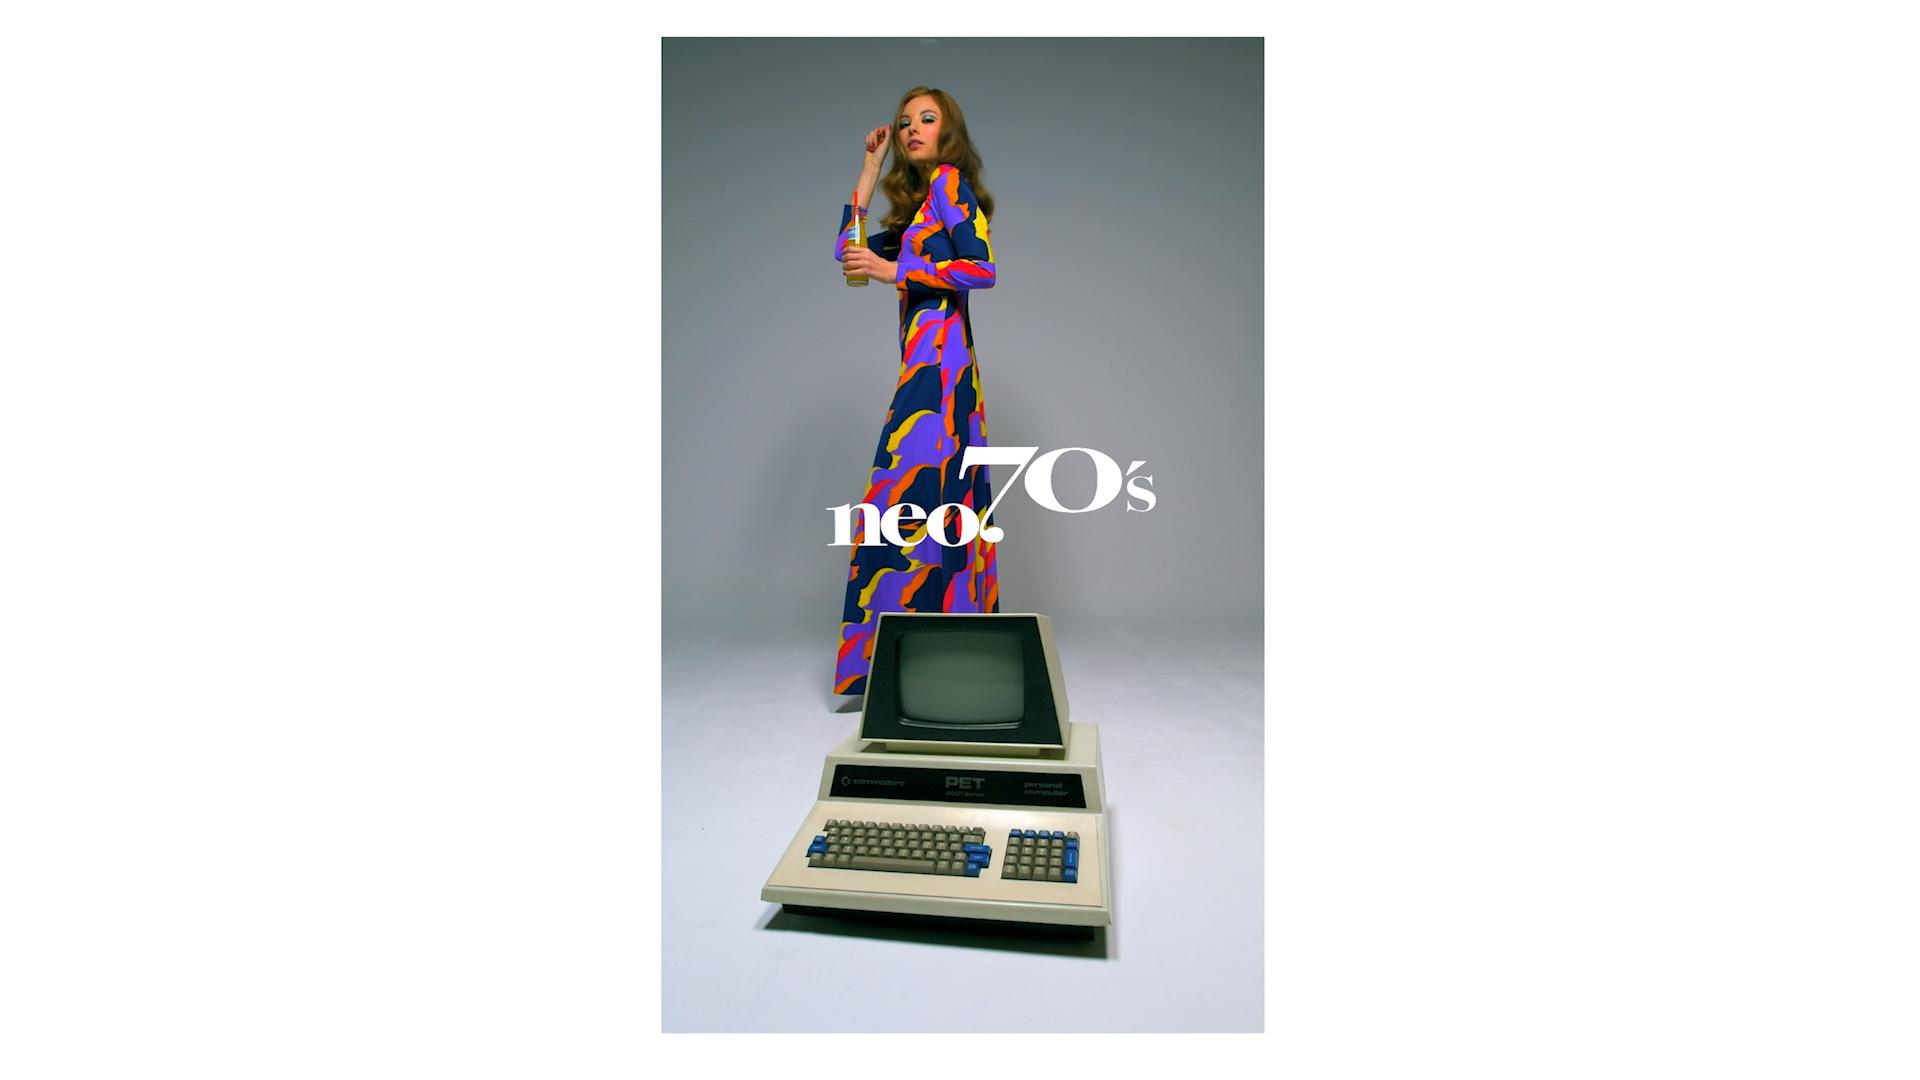 neo70s_cromadrid_03